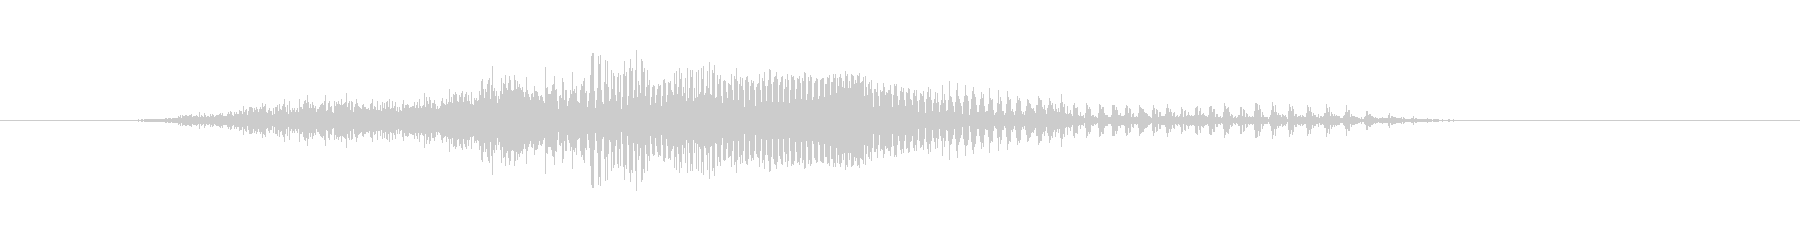 せいっ!! - 男性和風掛け声の未再生の波形